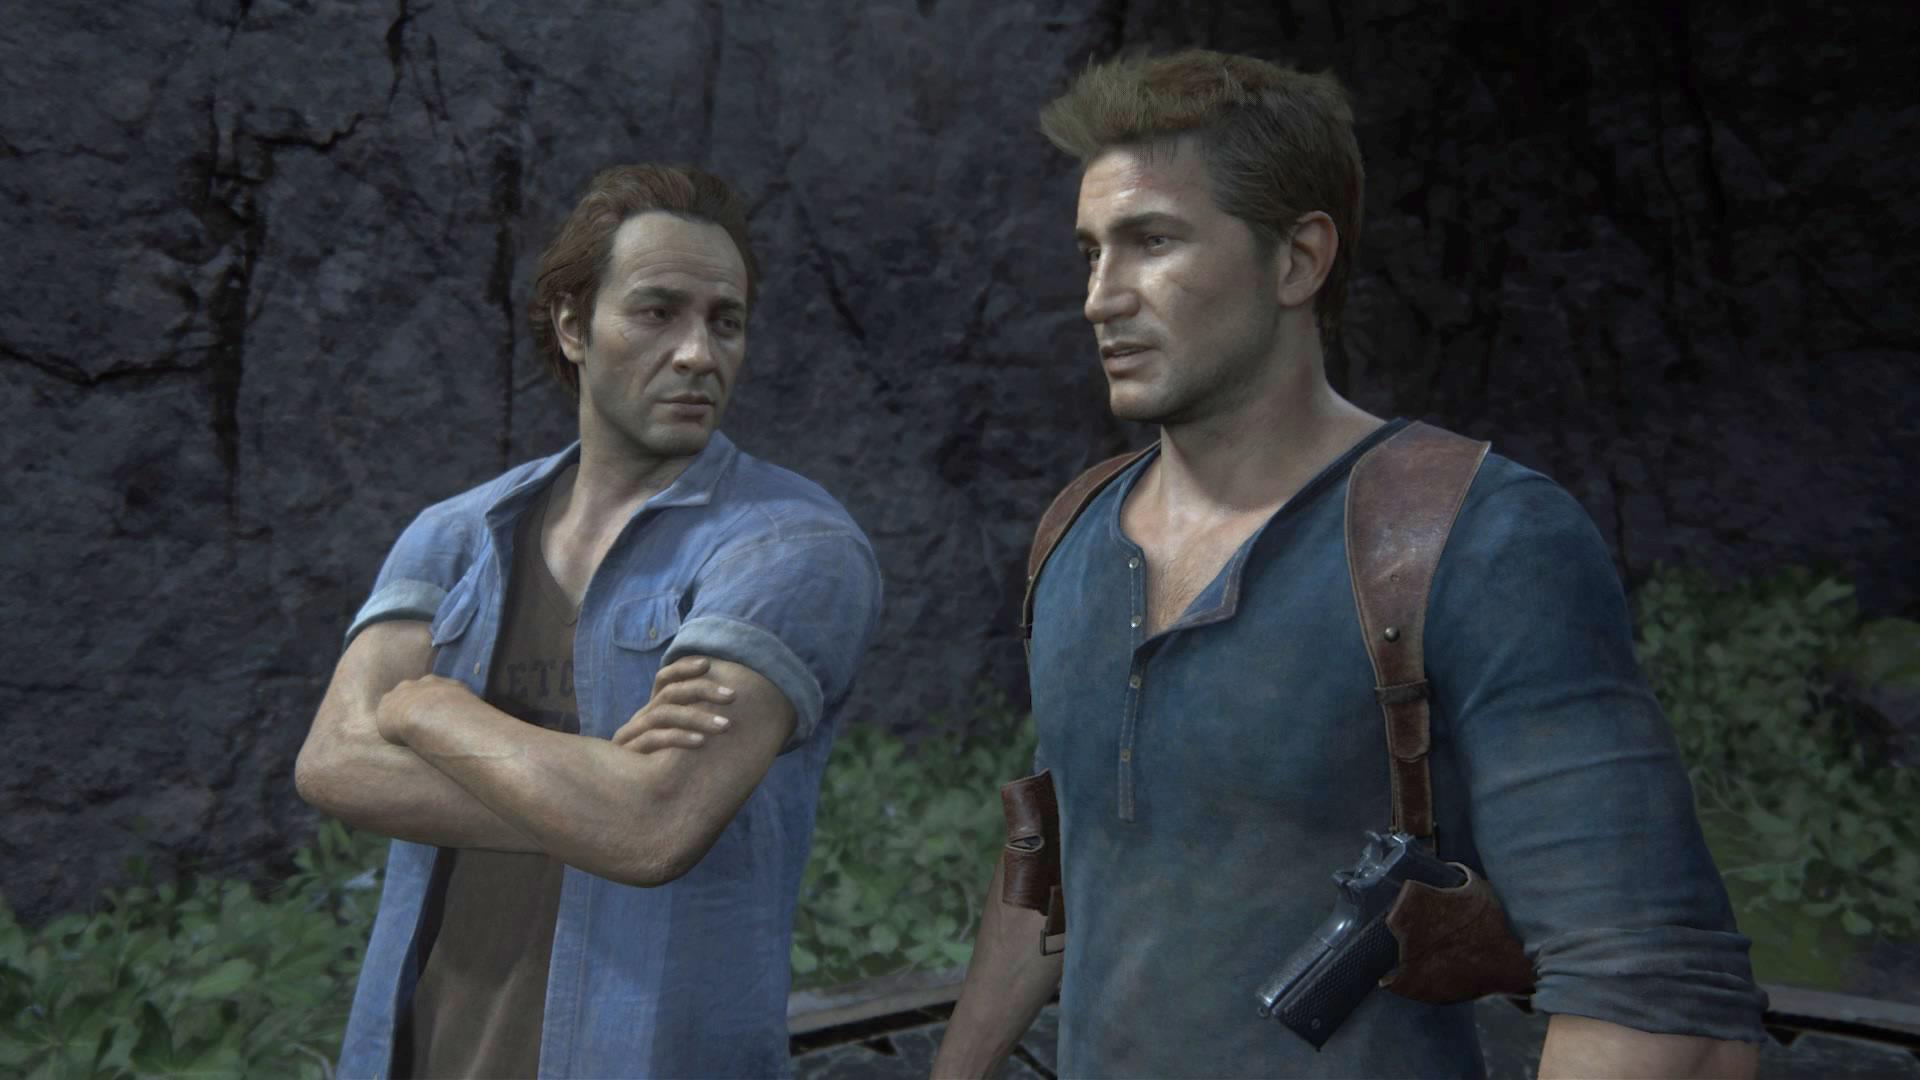 ... wirkt der Darsteller tatsächlich wie eine etwas ältere Version des Spiele-Helden.